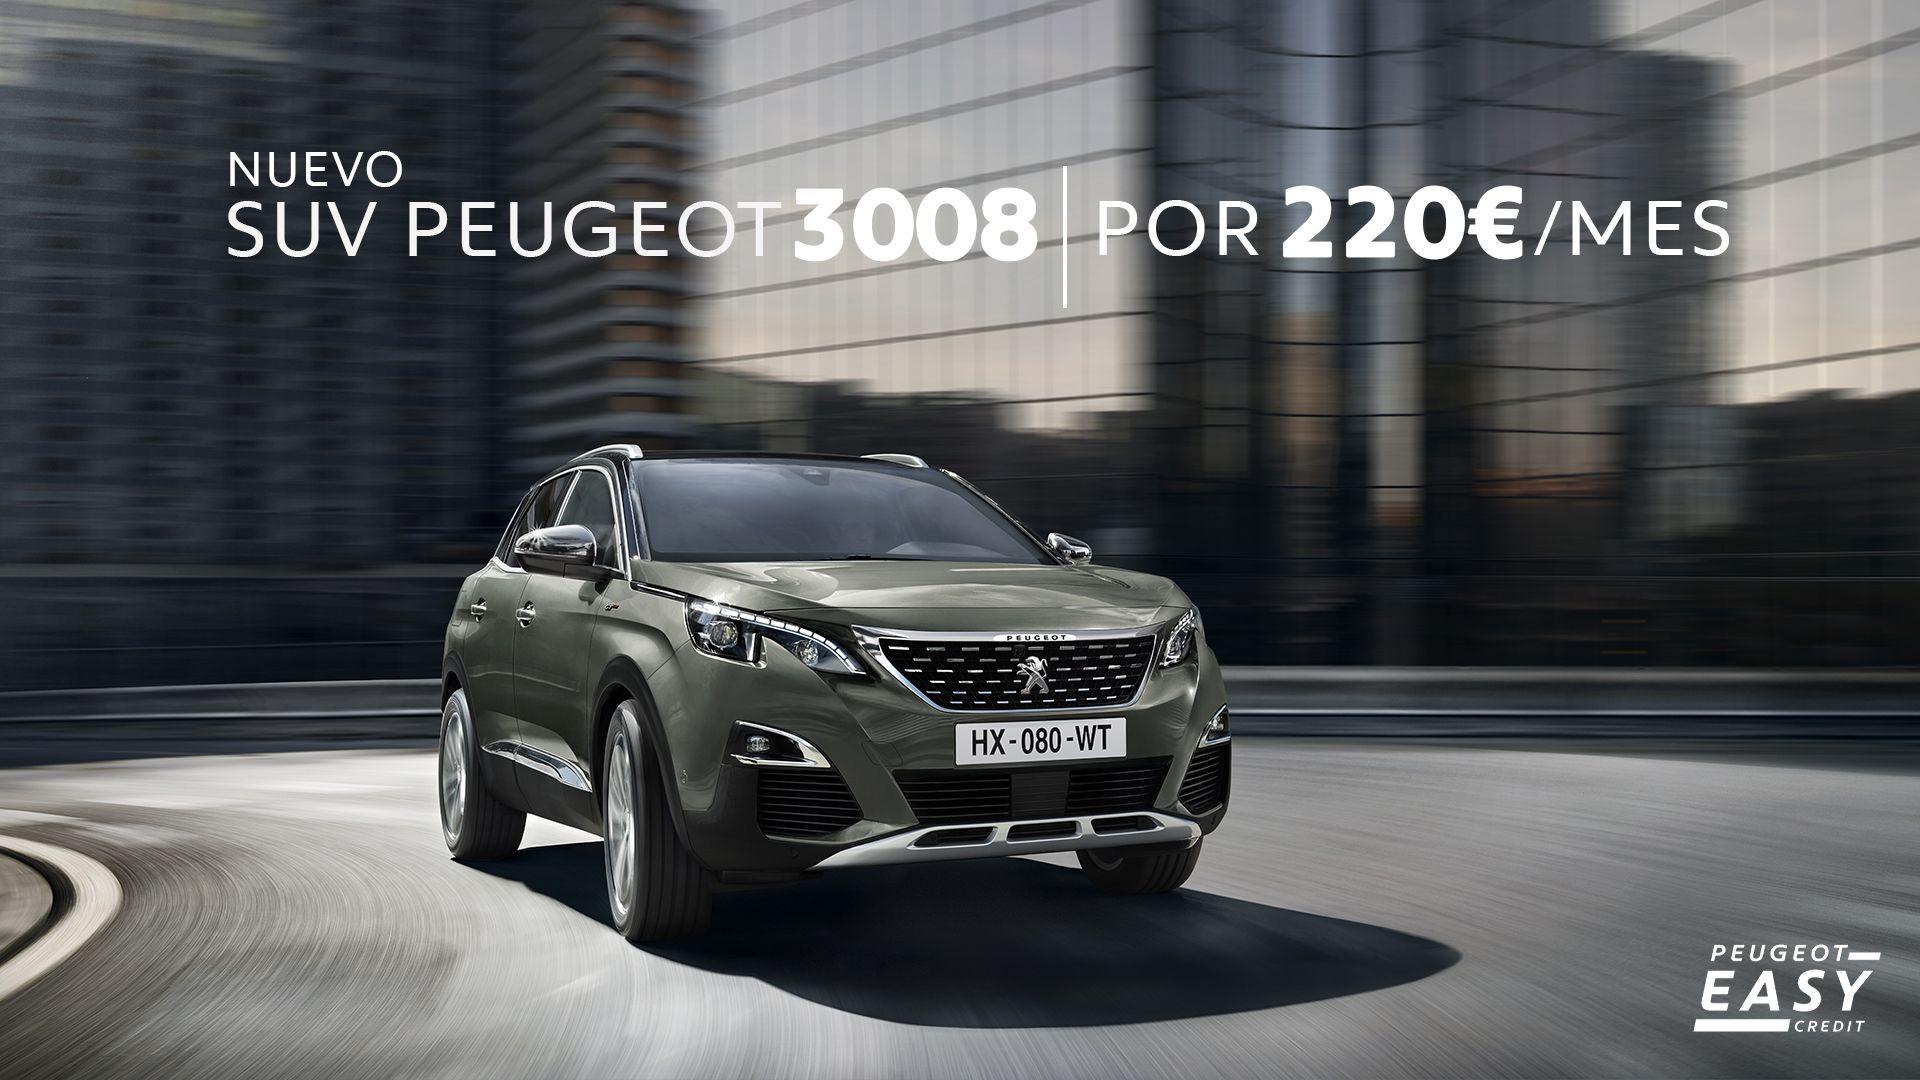 Disfruta de tu nuevo Peugeot 3008 por sólo 220€/mes